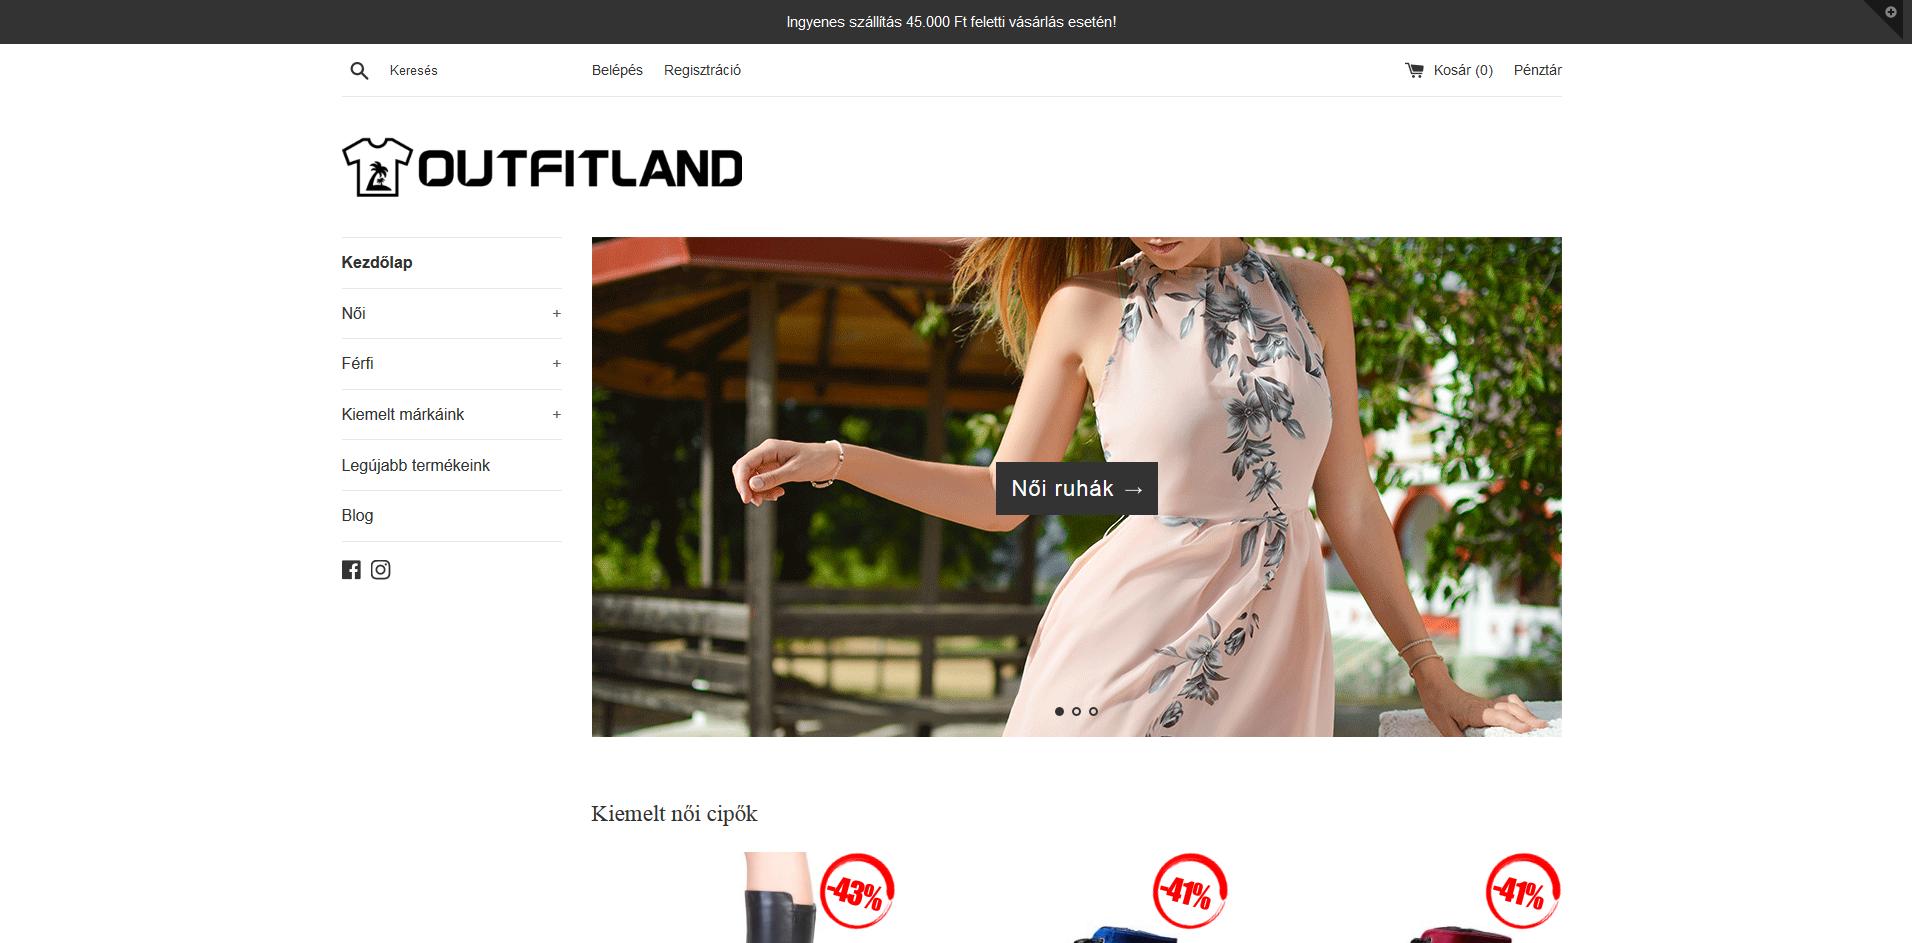 """<a href=""""https://outfitland.hu/"""" target=""""_blank"""">Outfitland.hu</a>"""